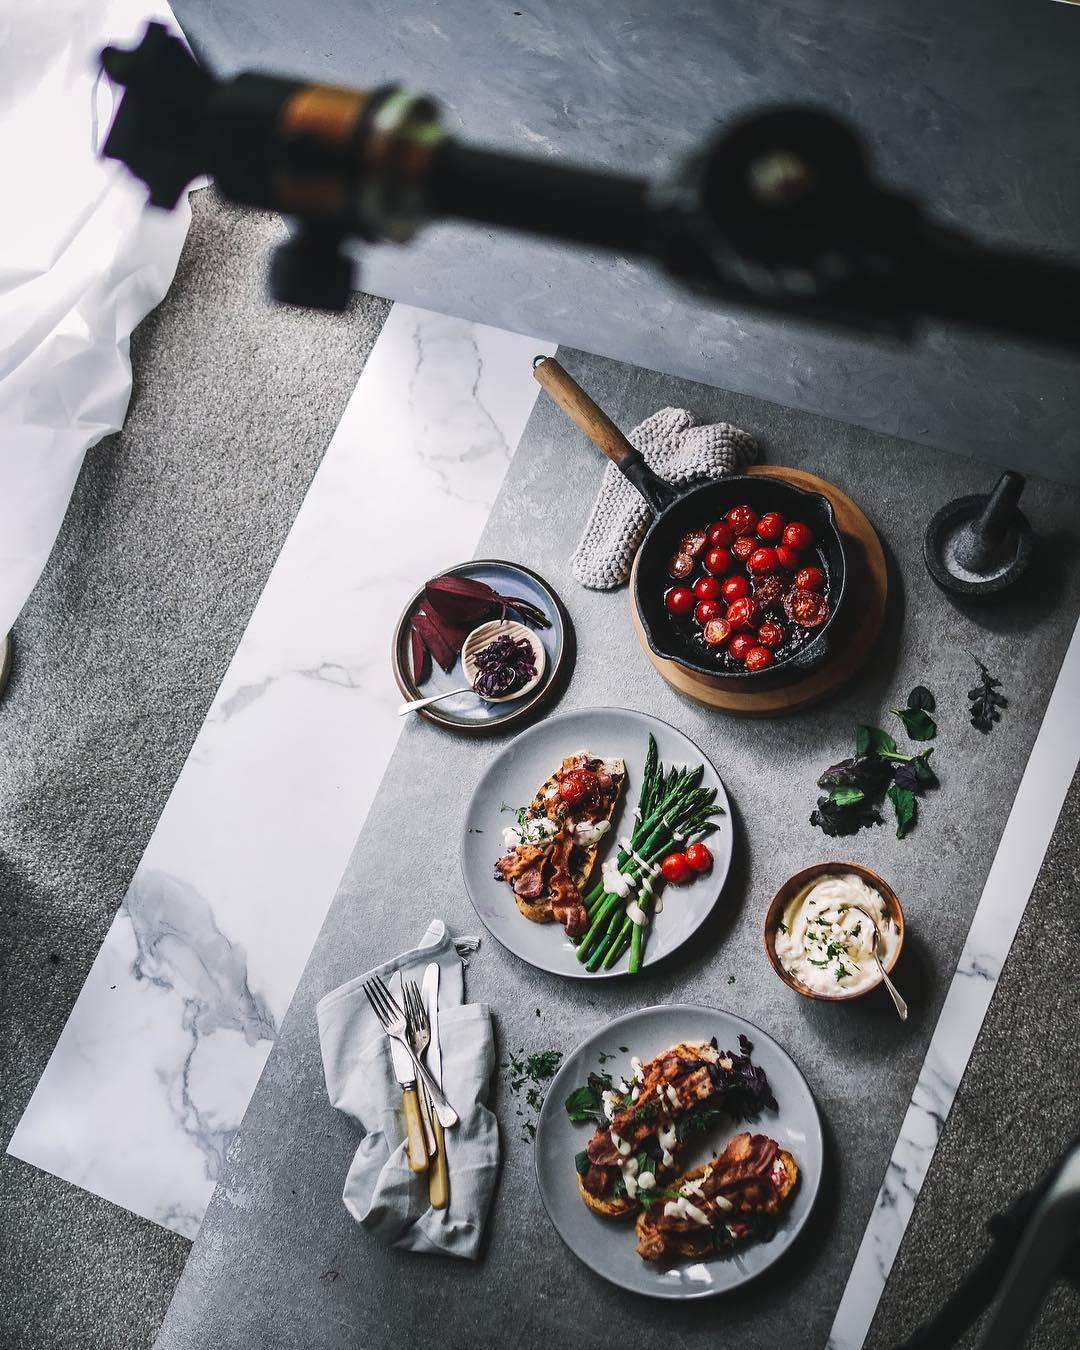 cena estilo flatlay food com pratos e tripé acima